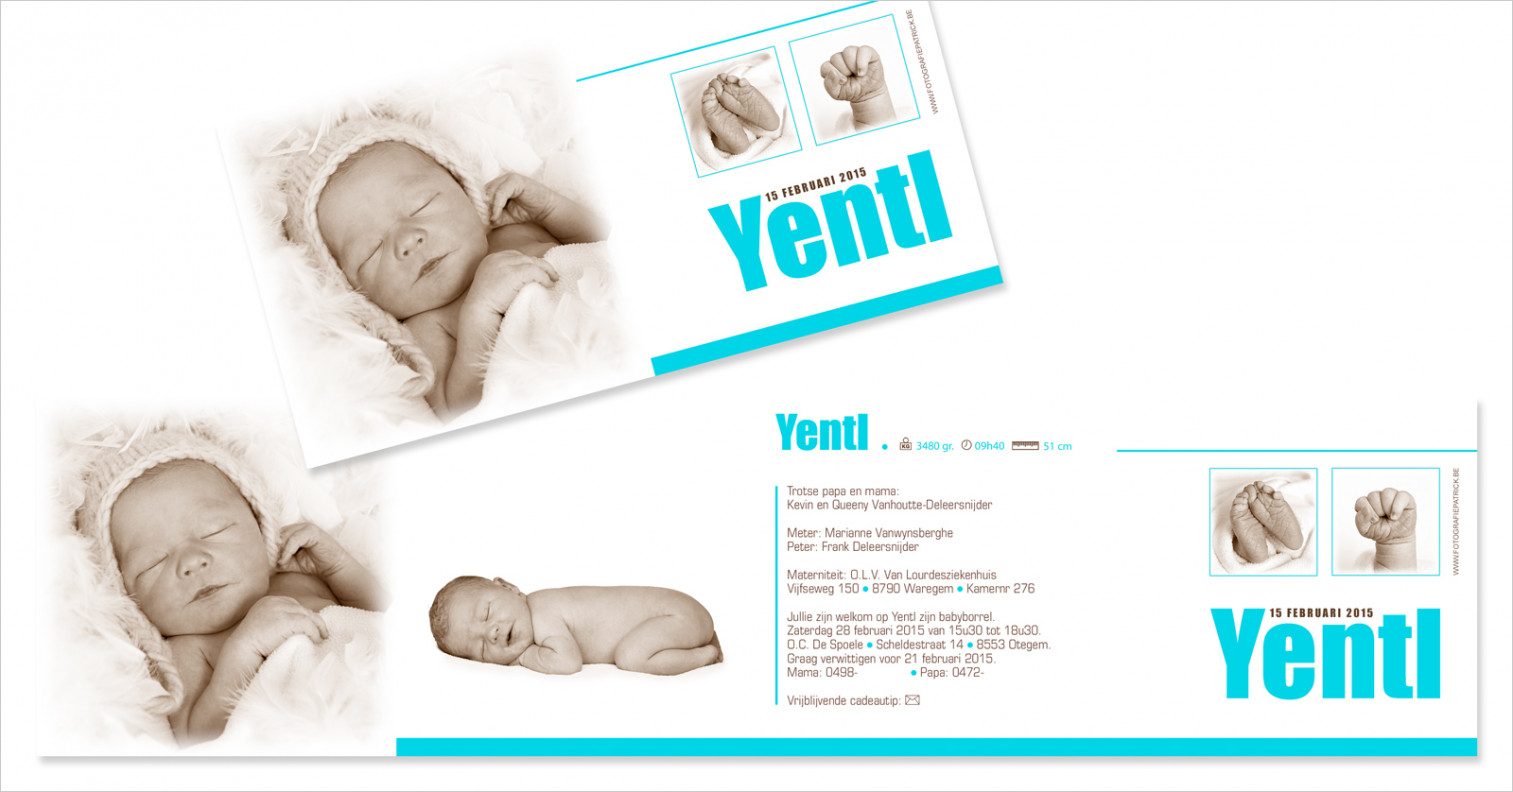 Geboortekaartje met foto van Yentl